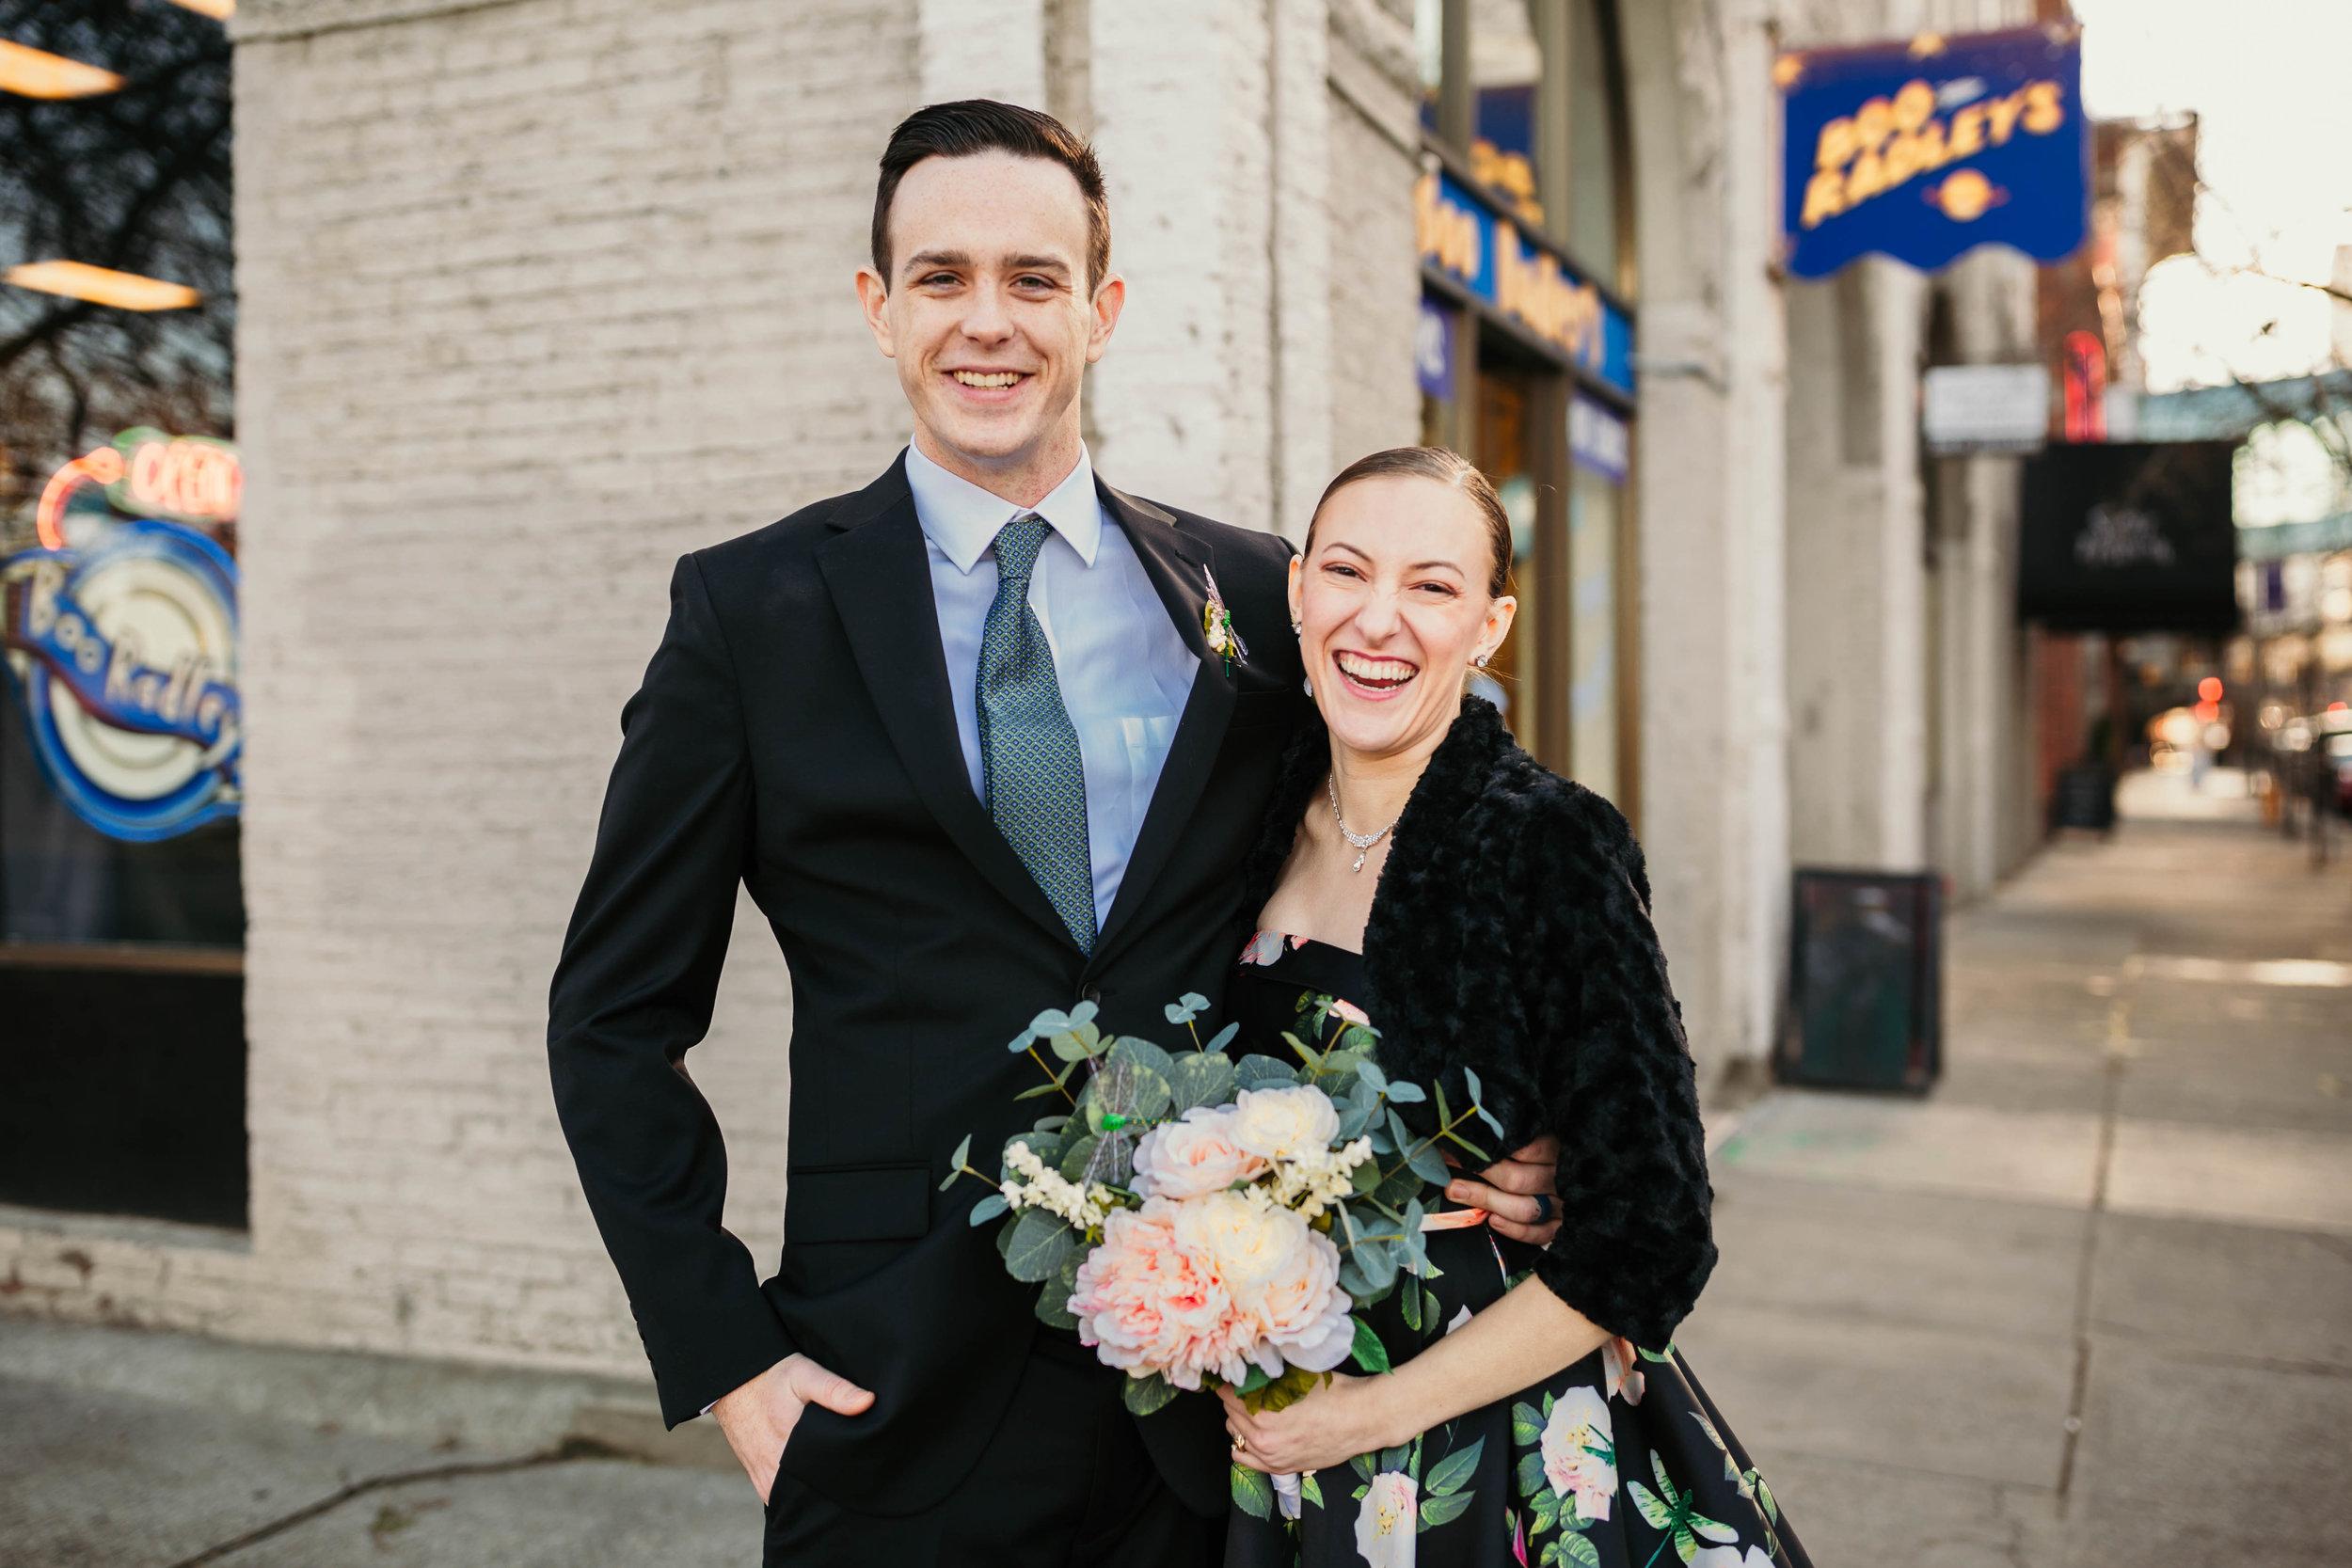 izzy+jacob-weddingsneakpeekblog-60.jpg